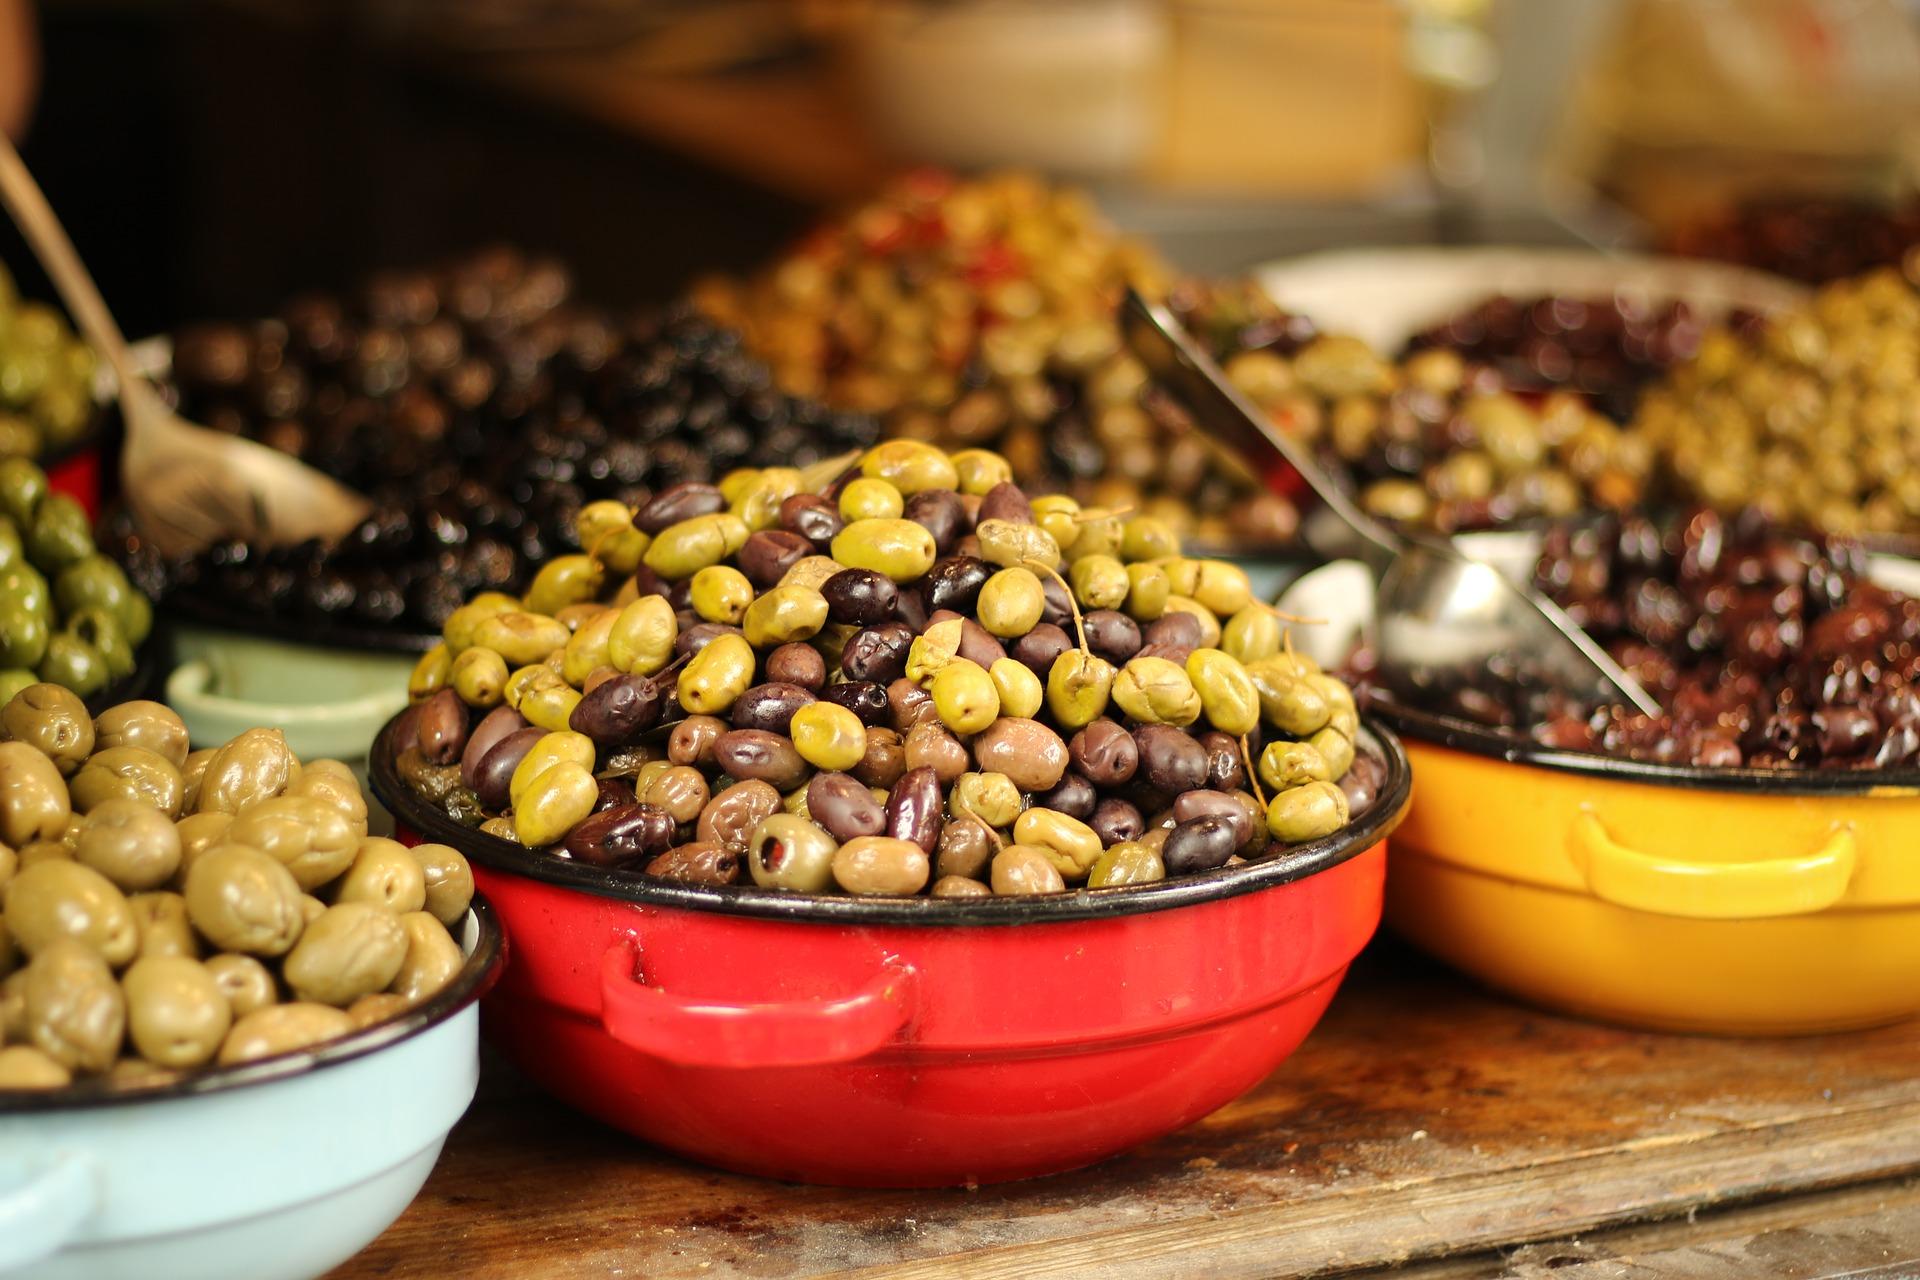 Oliven in Schüsseln